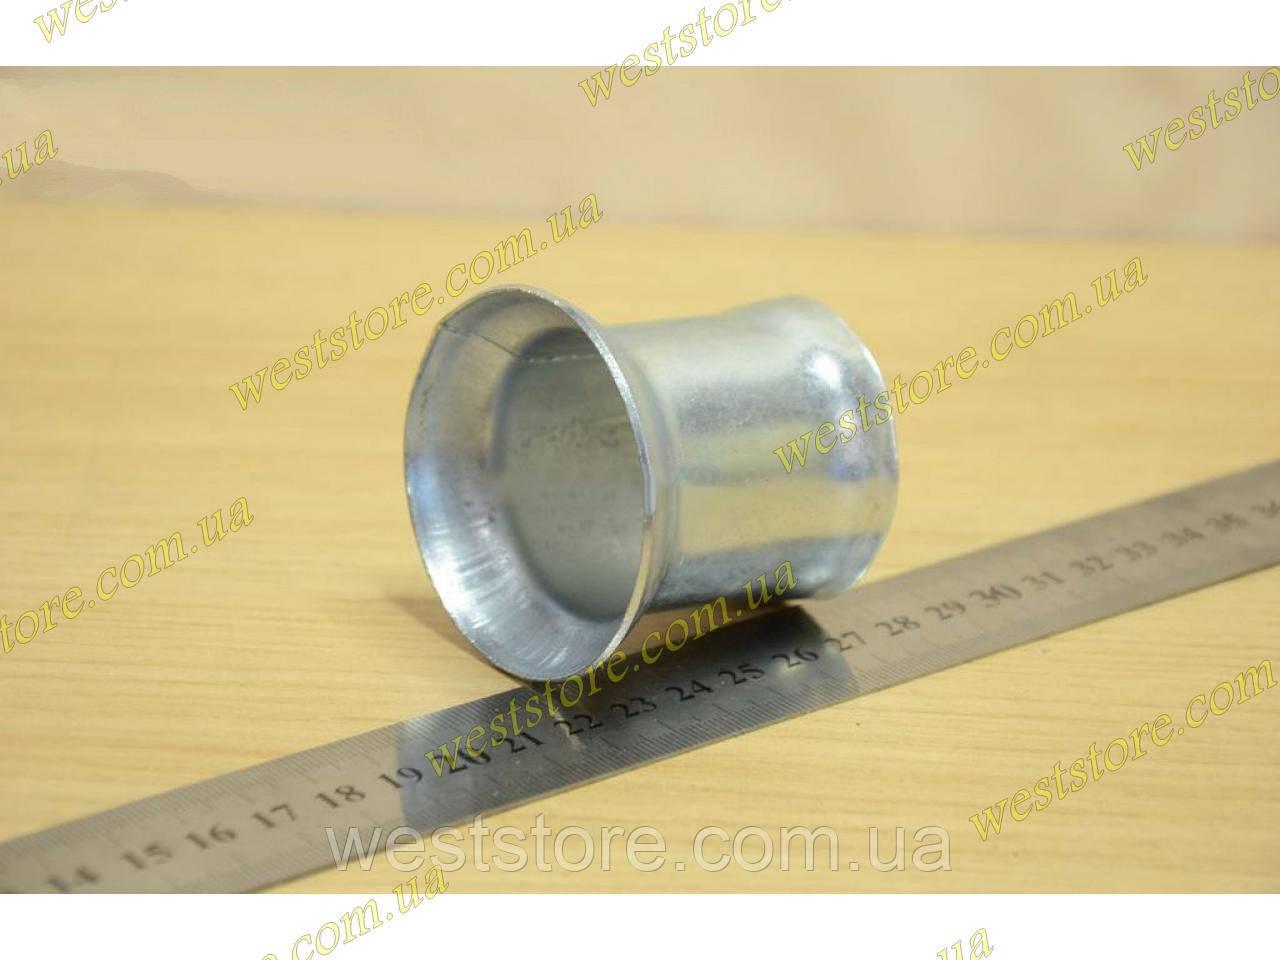 Ремвставка глушителя фланец вварная Ваз 2108,2109,21099 длинная